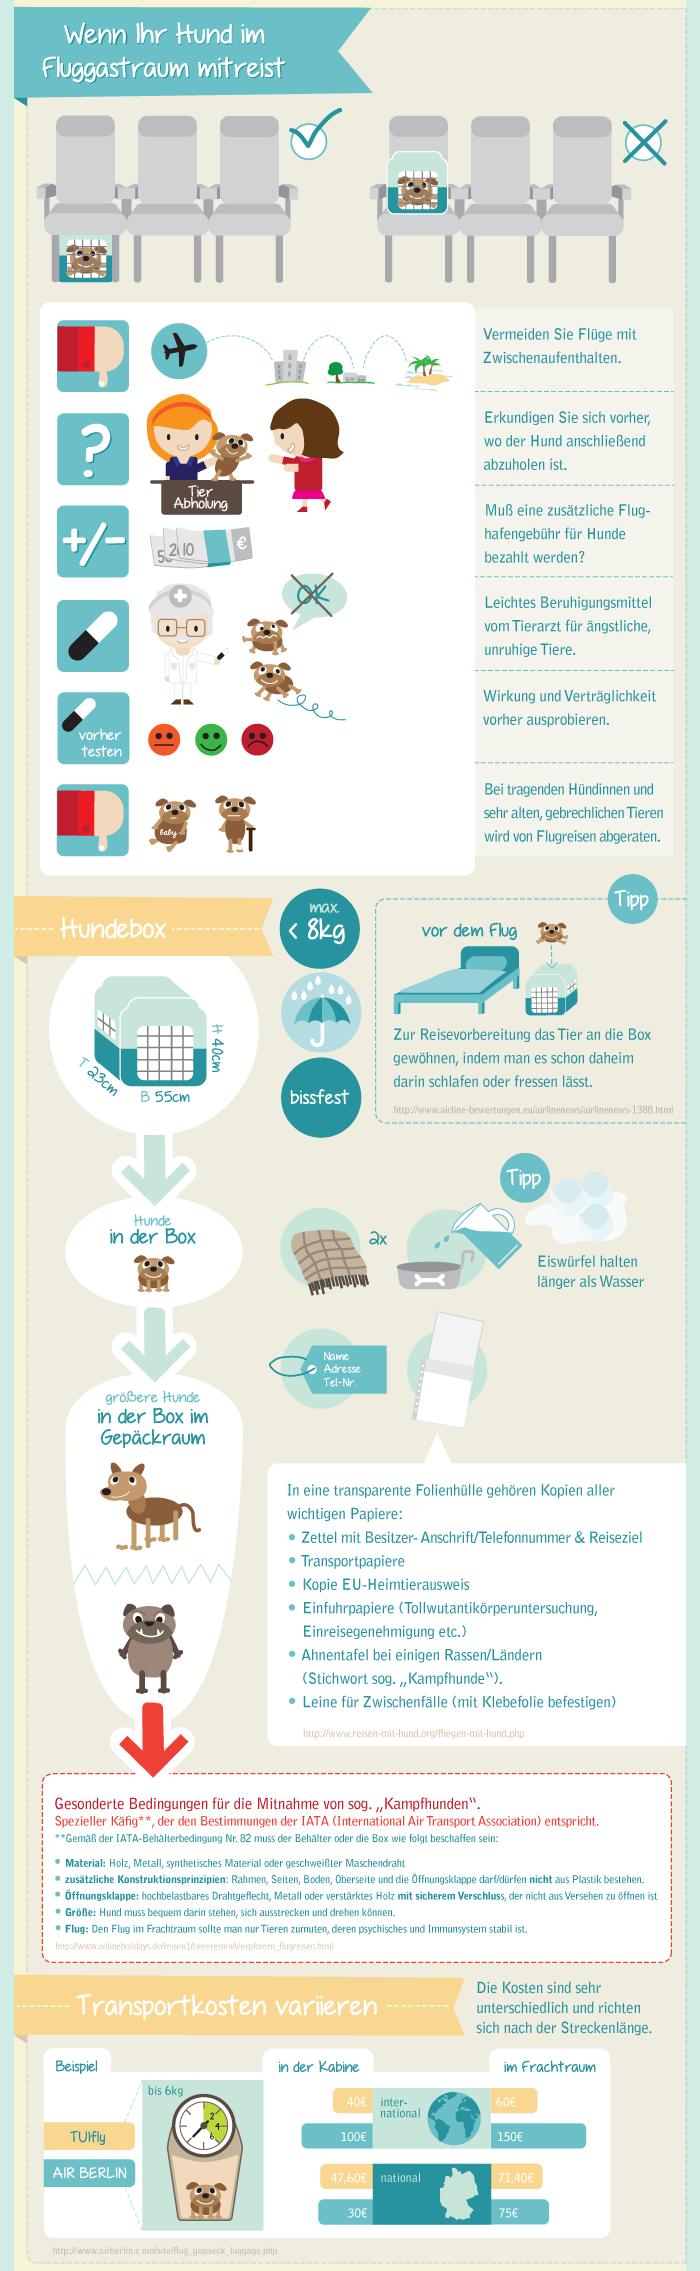 Mit dem Haustier auf Flugreise. KAYAK Infografik, Teil 3